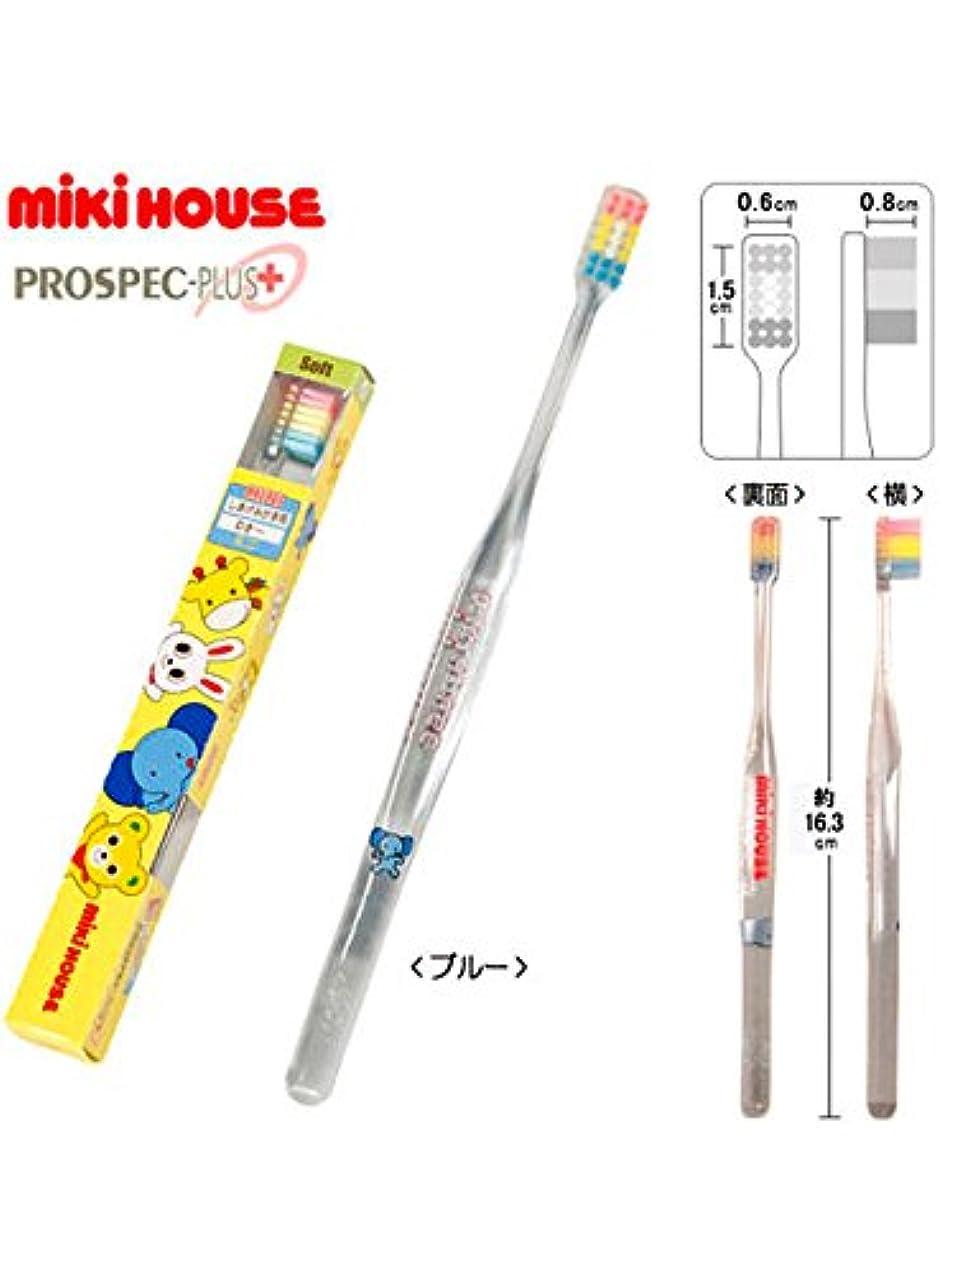 ブラスト舌な改修する[ミキハウス] MIKIHOUSE 仕上げみがき用歯ブラシ 15-4063-670 ブルー